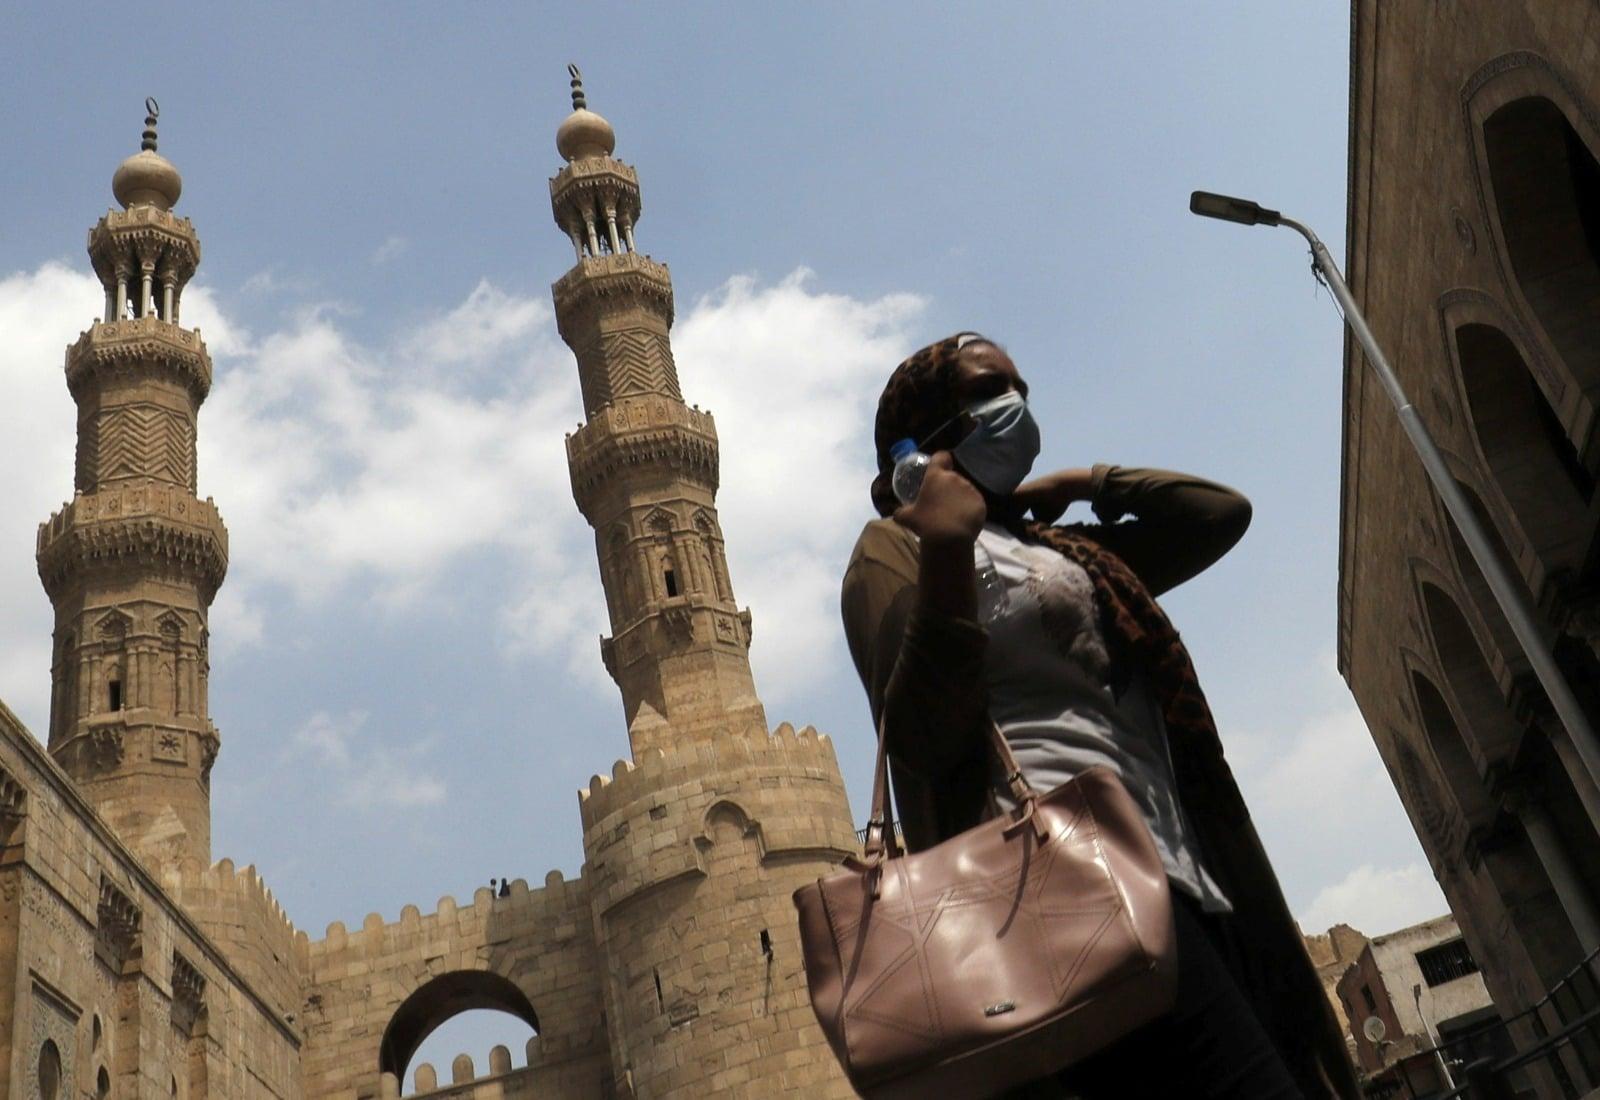 אנשי הדת במצרים בפסיקה מפתיעה לטובת נשים